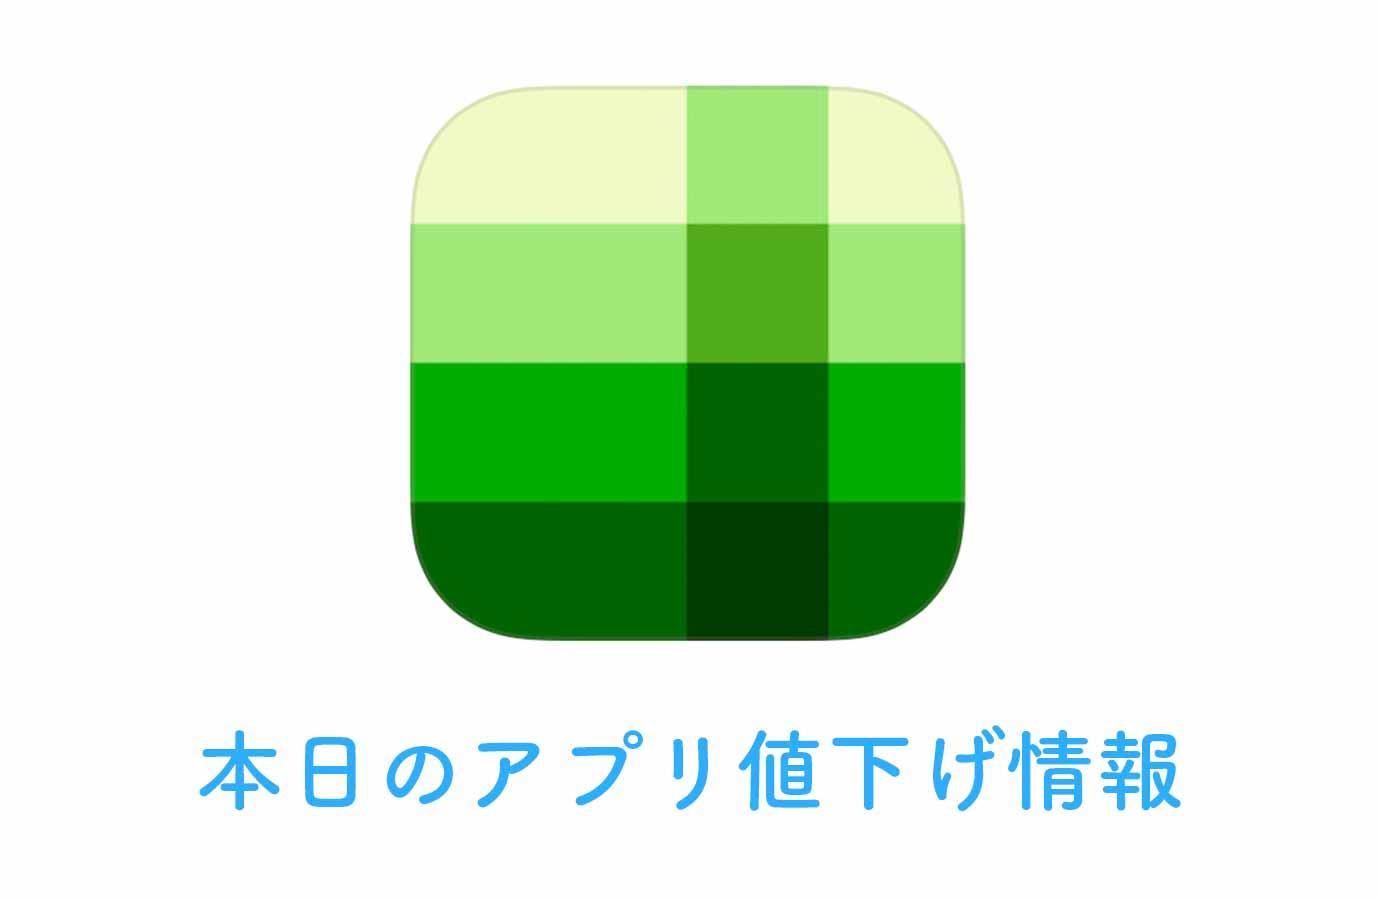 240円→無料!ブロックを組み合わせて消すシンプルなパズル「Shades」など【12/3】アプリ値下げ情報